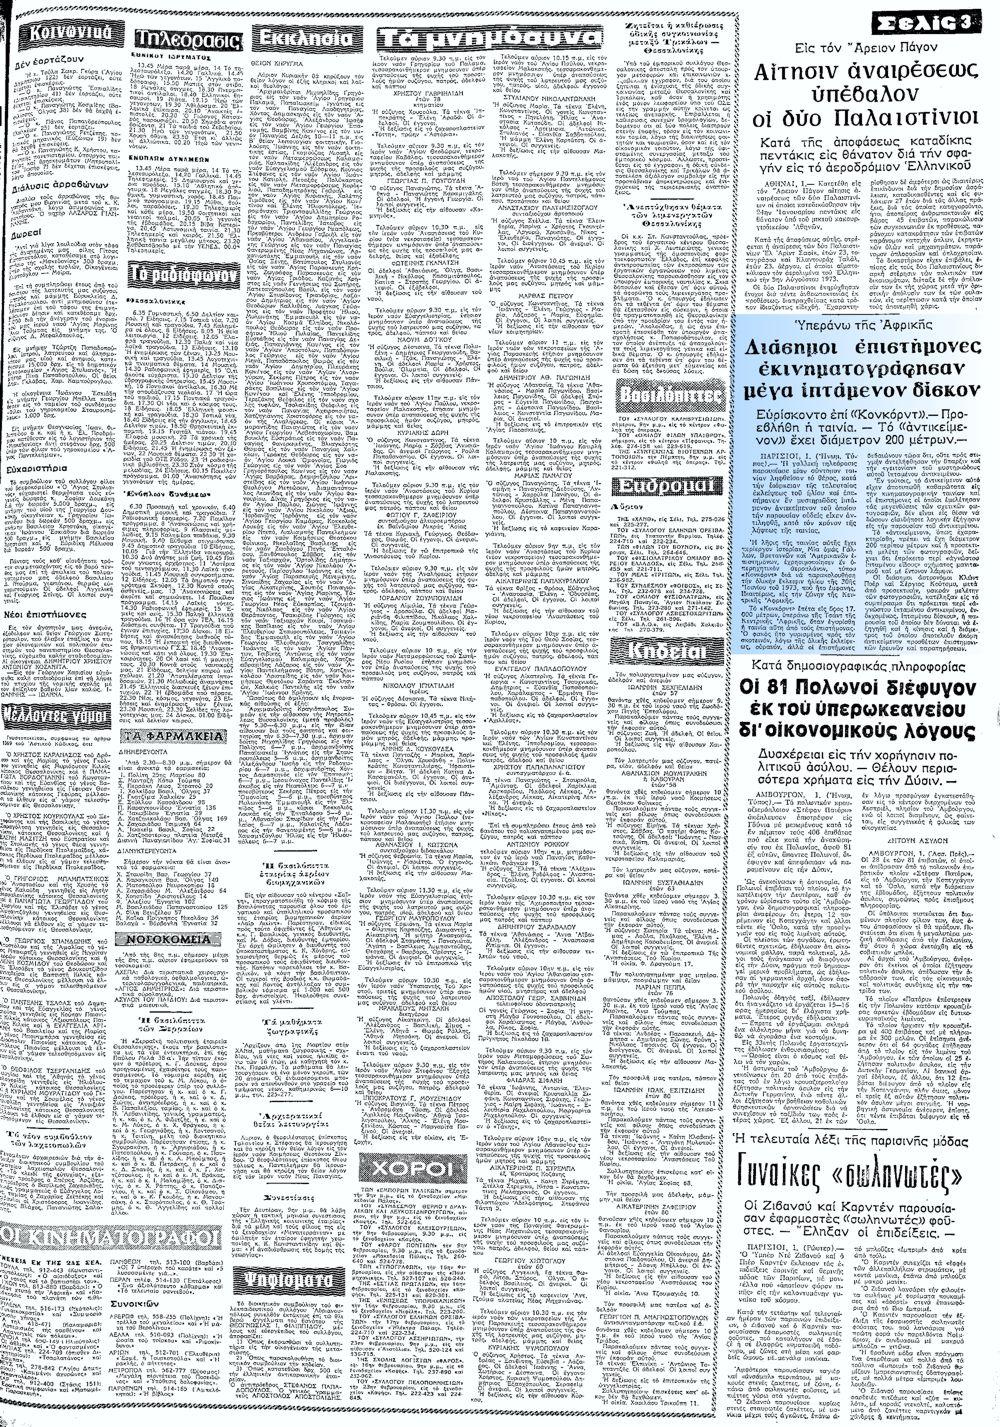 """Το άρθρο, όπως δημοσιεύθηκε στην εφημερίδα """"ΜΑΚΕΔΟΝΙΑ"""", στις 02/02/1974"""